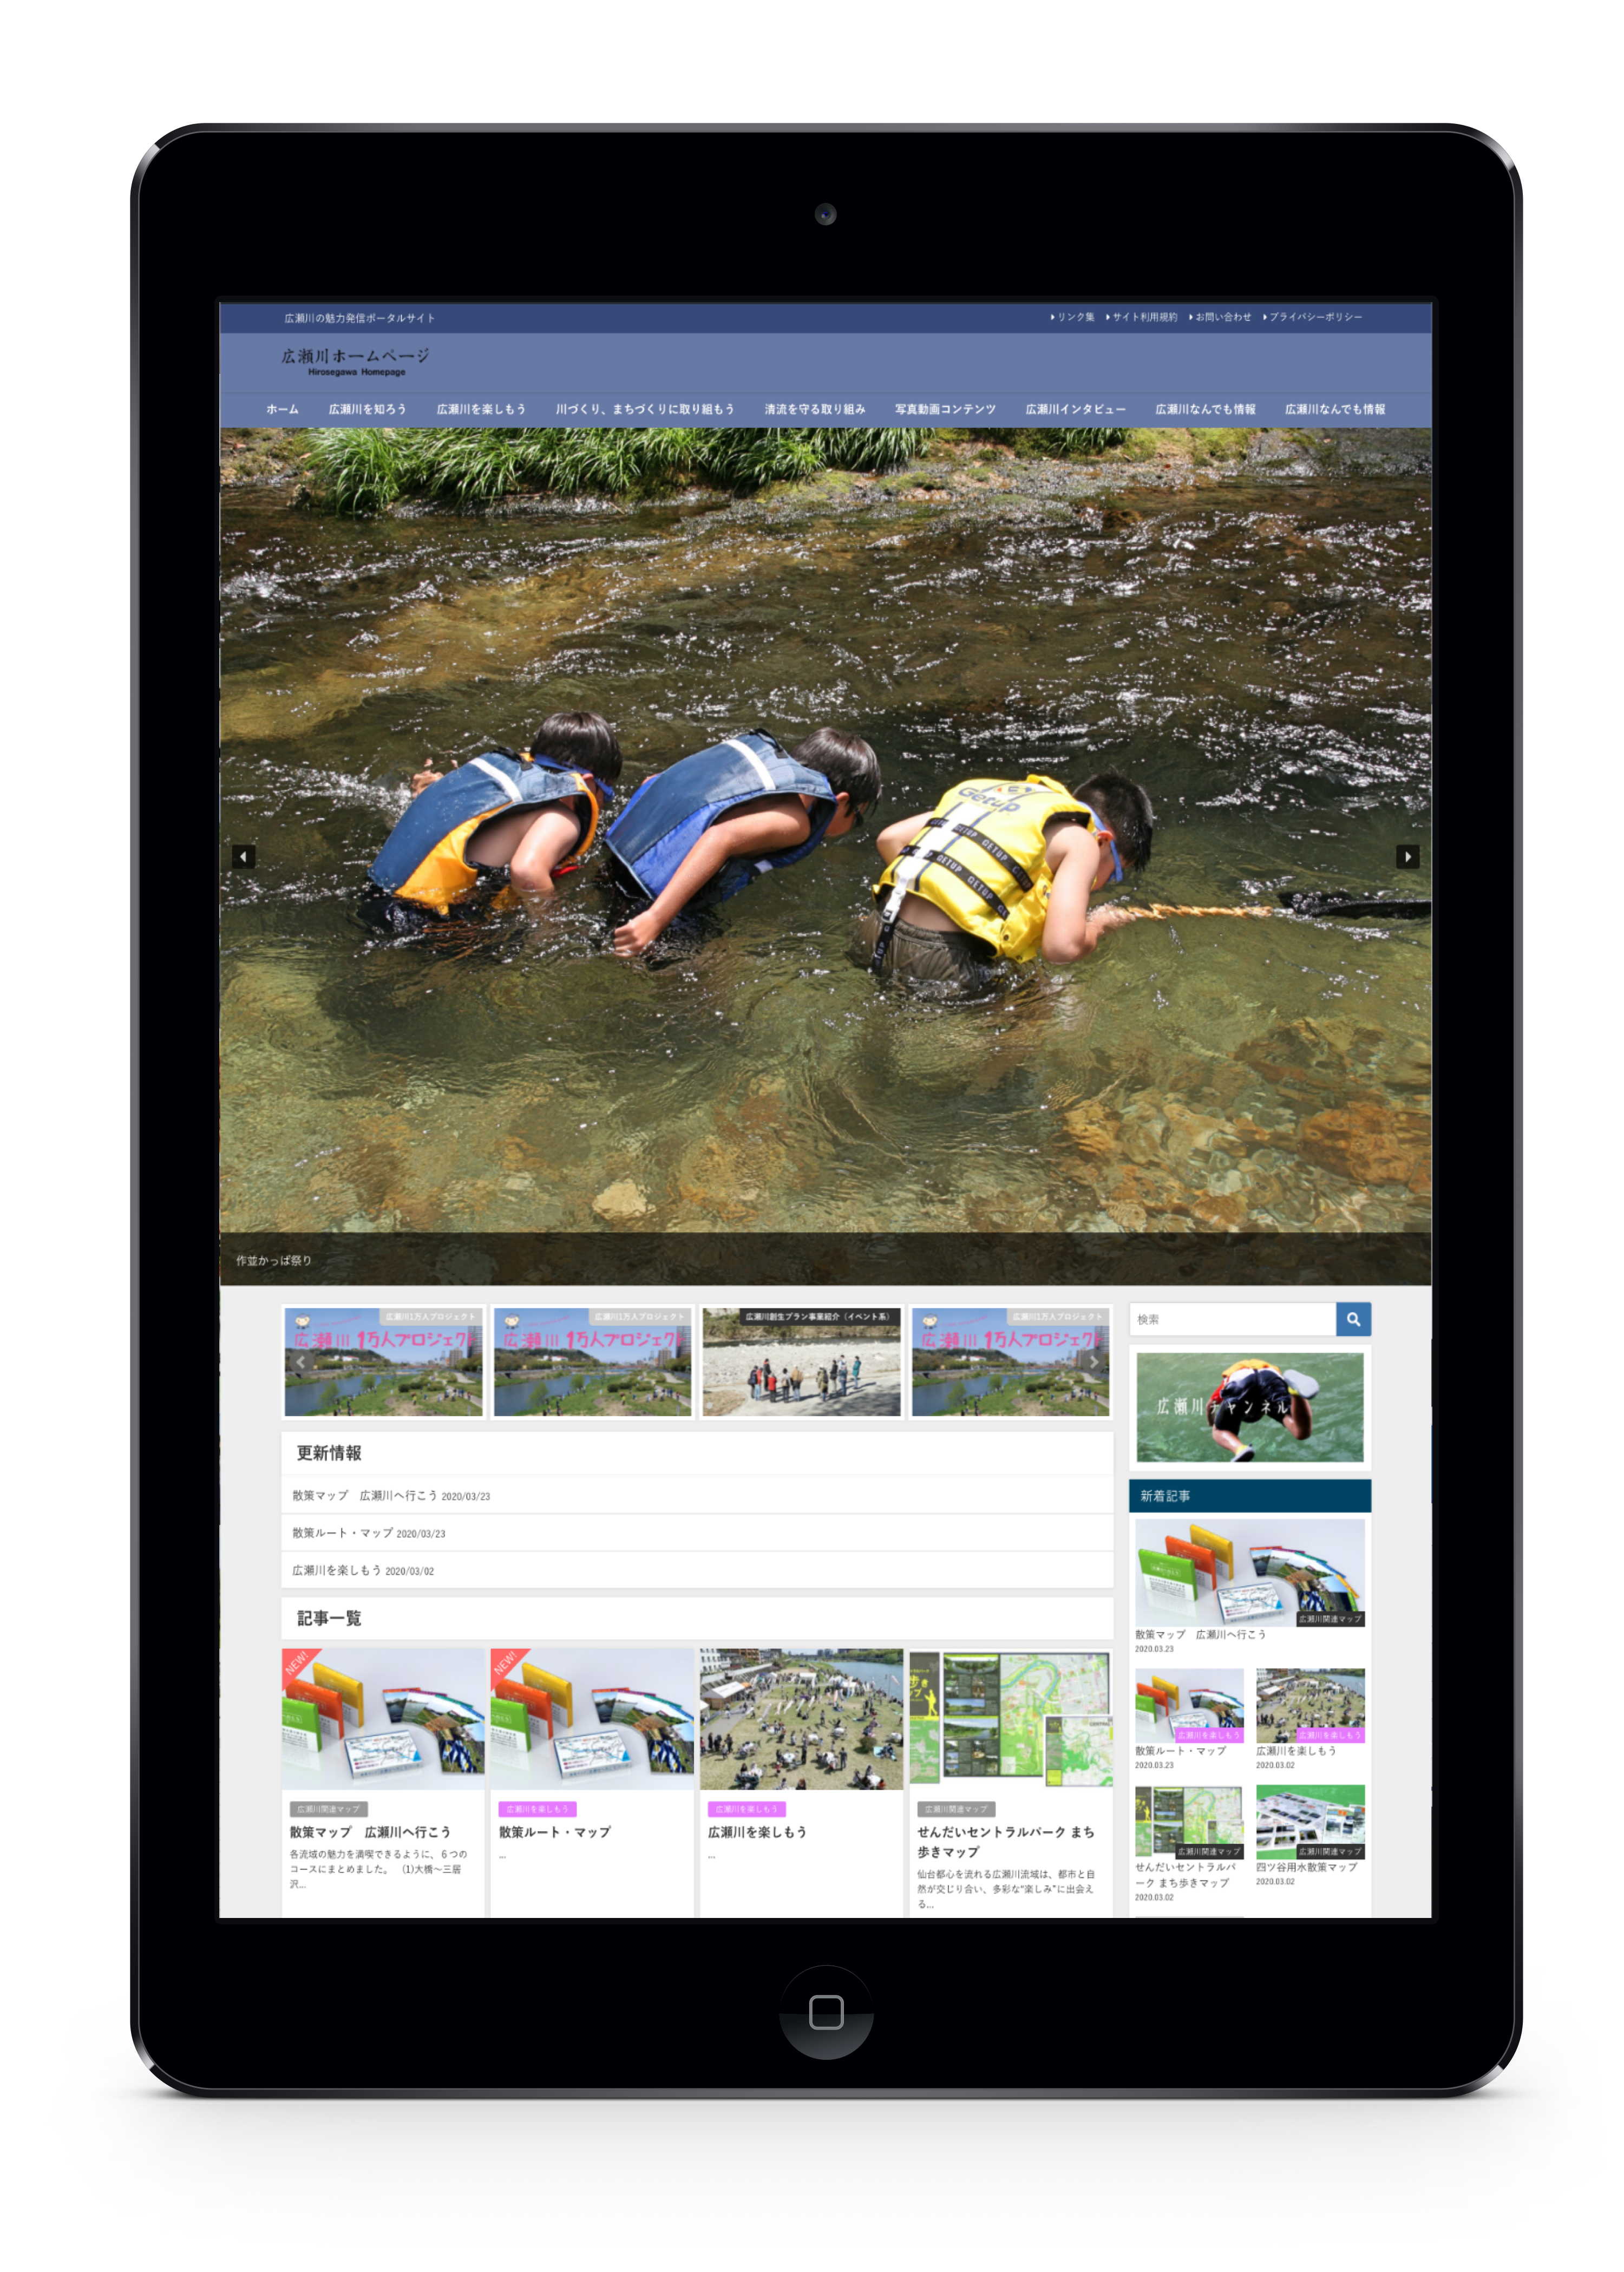 広瀬川ホームページをリニューアルしました